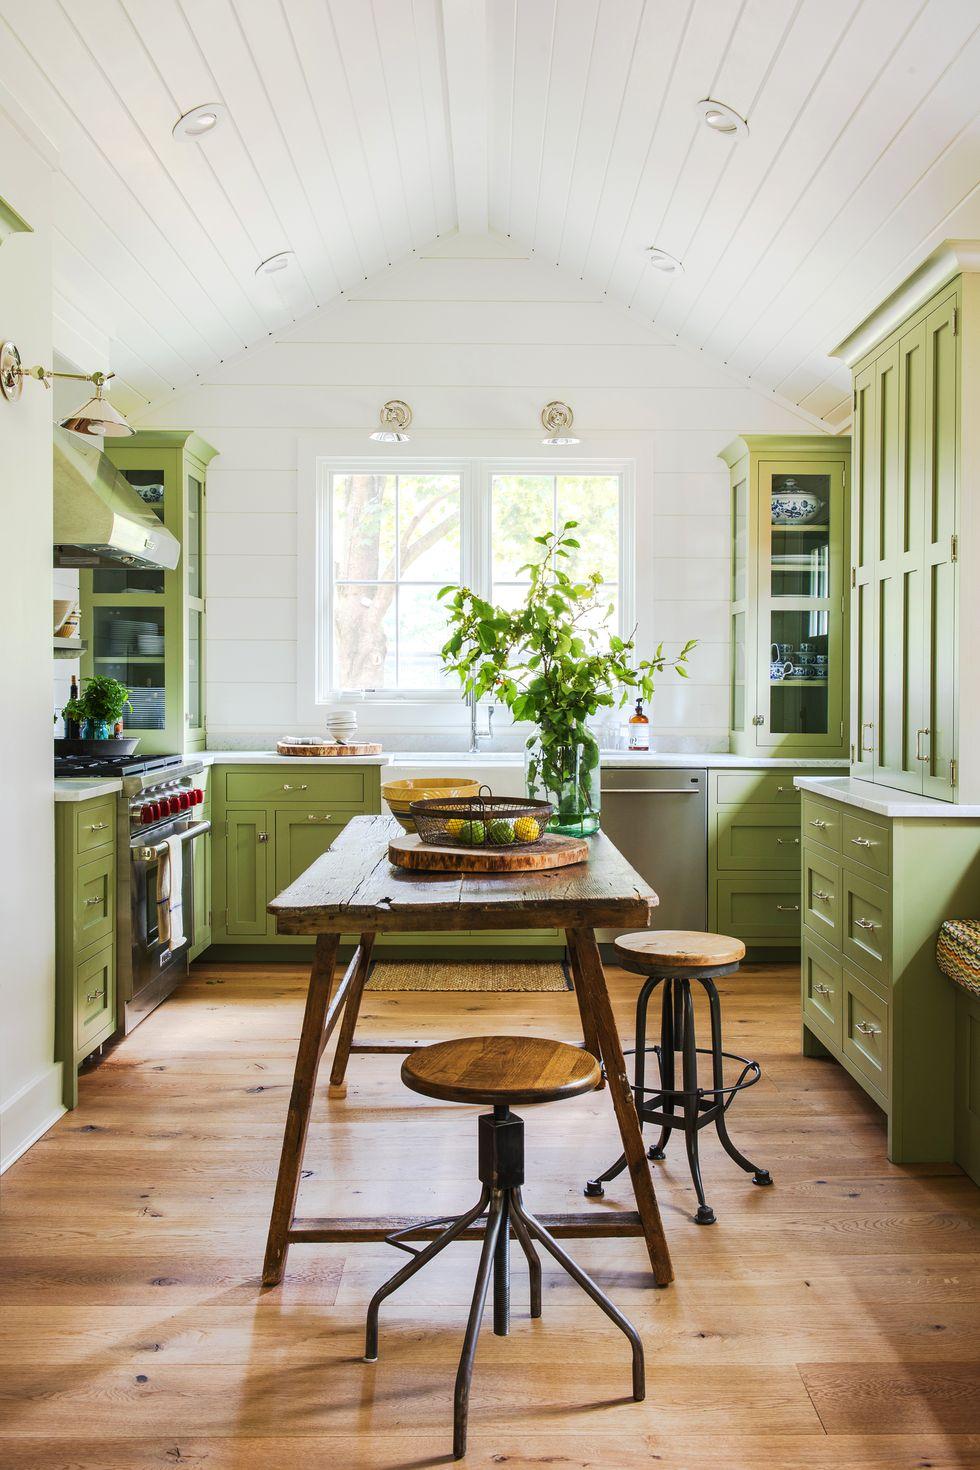 Rustikk grønn maling på kjøkkenet